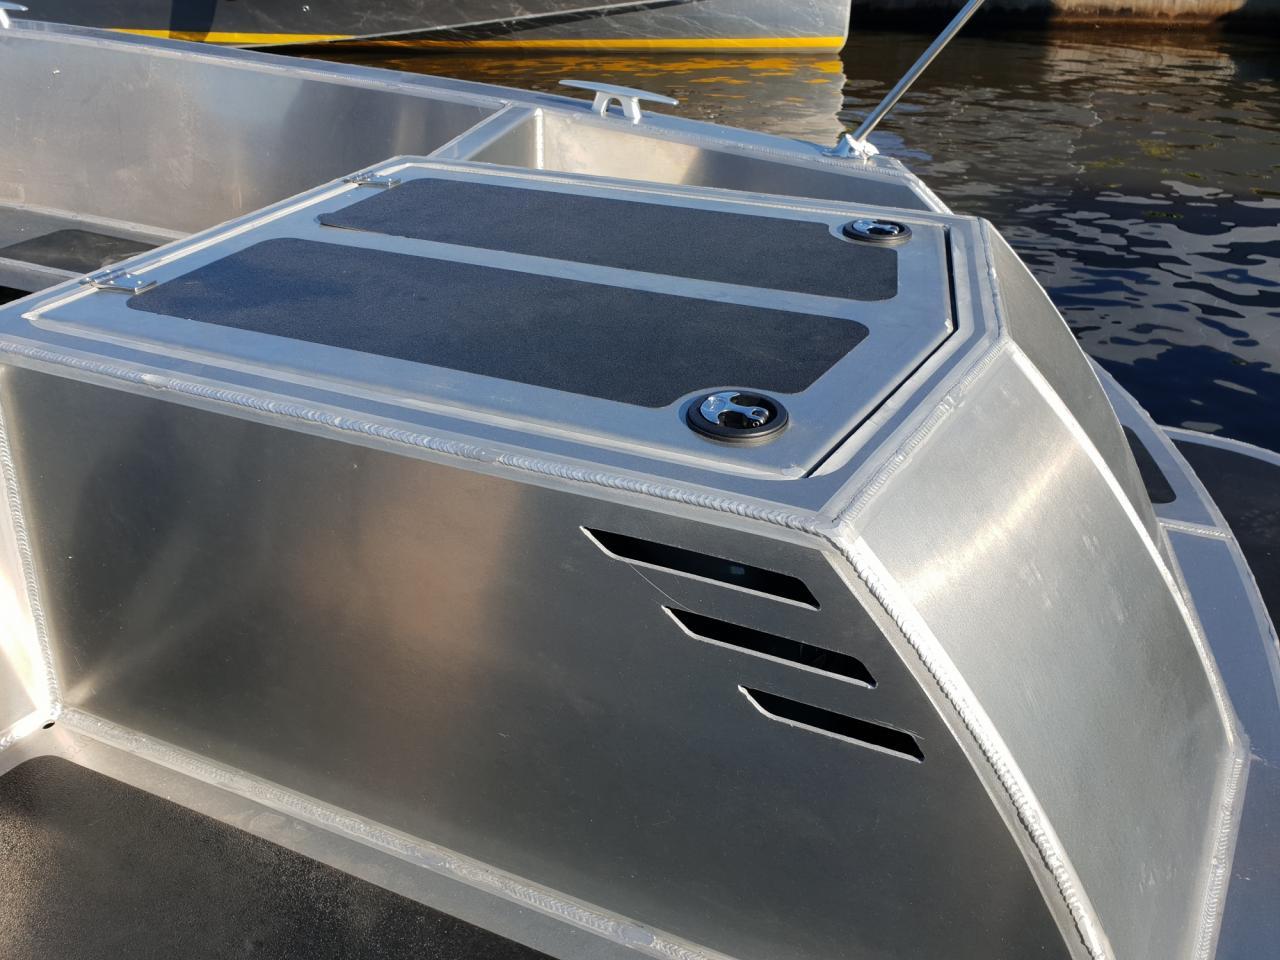 VanVossen Tender 670 aluminium 12